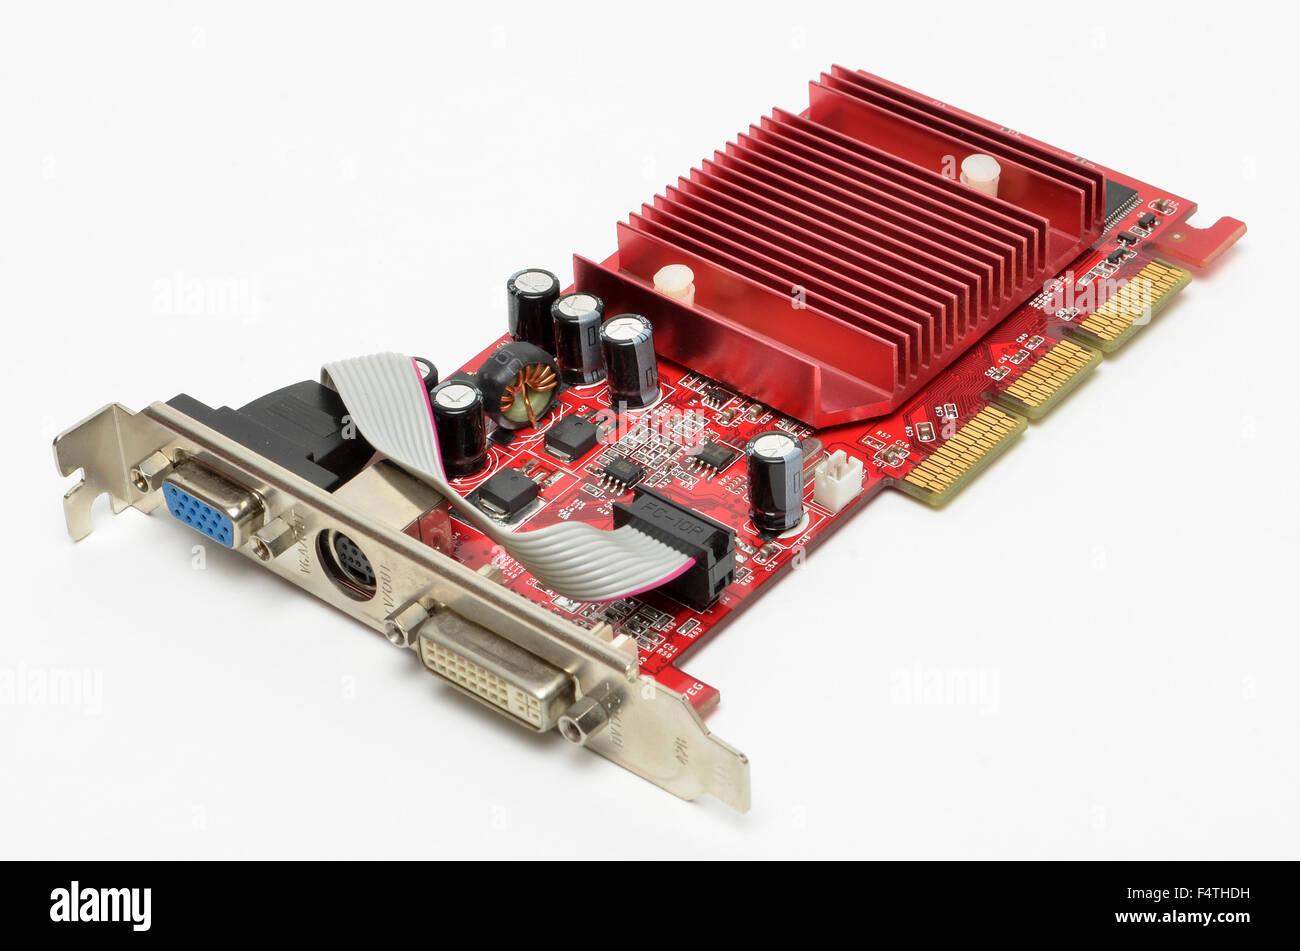 Gainward NVidia AGP-Grafikkarte auf einem weißen Hintergrund. Stockbild